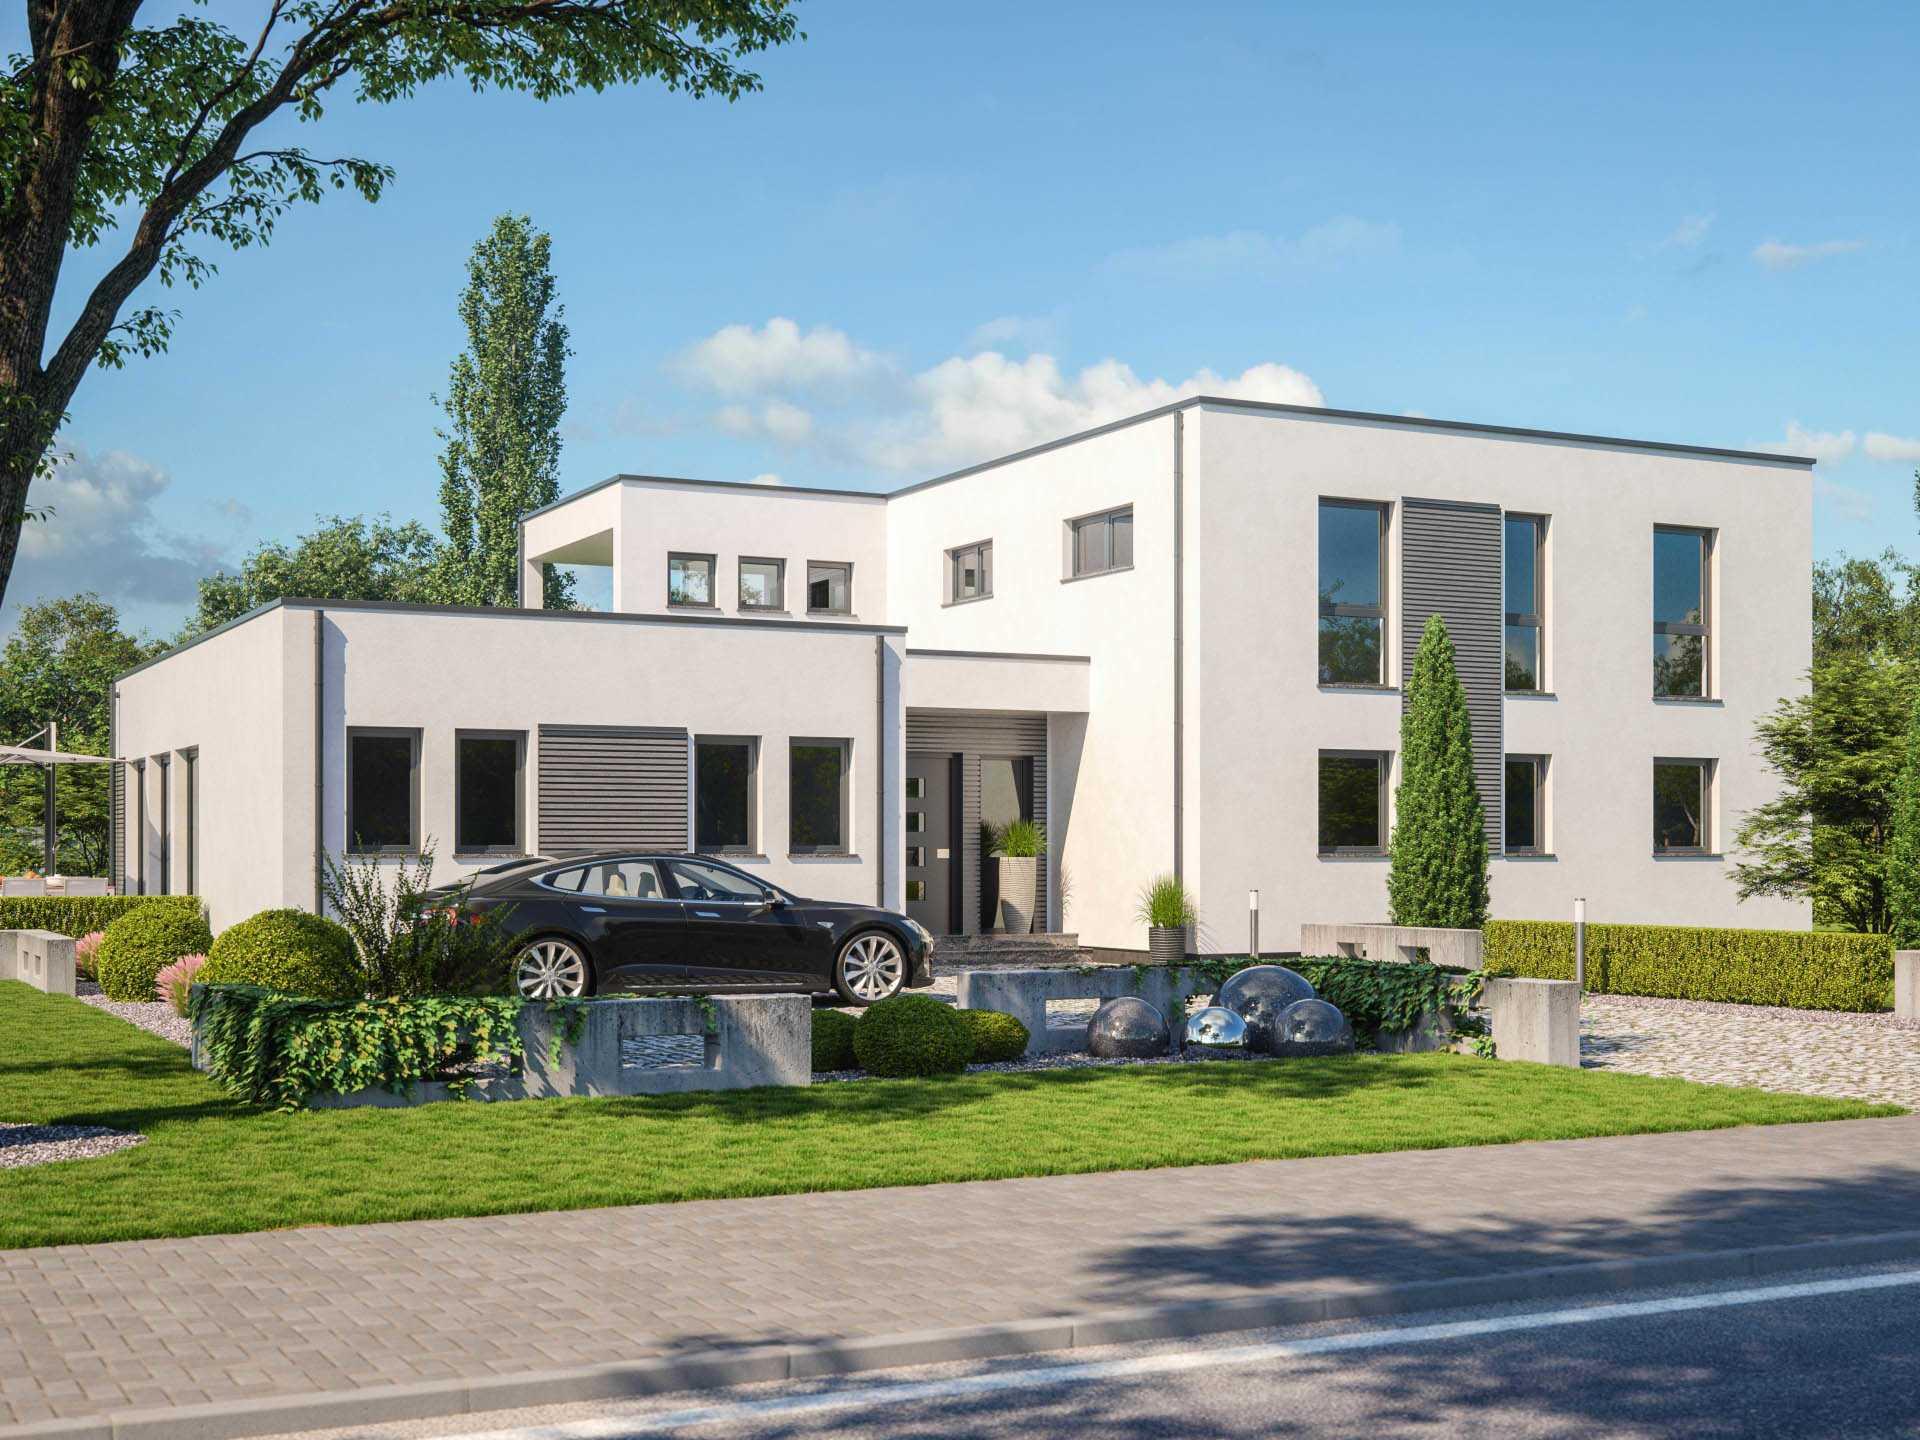 Haus twinline r genua rensch haus for Modernes haus mit einliegerwohnung